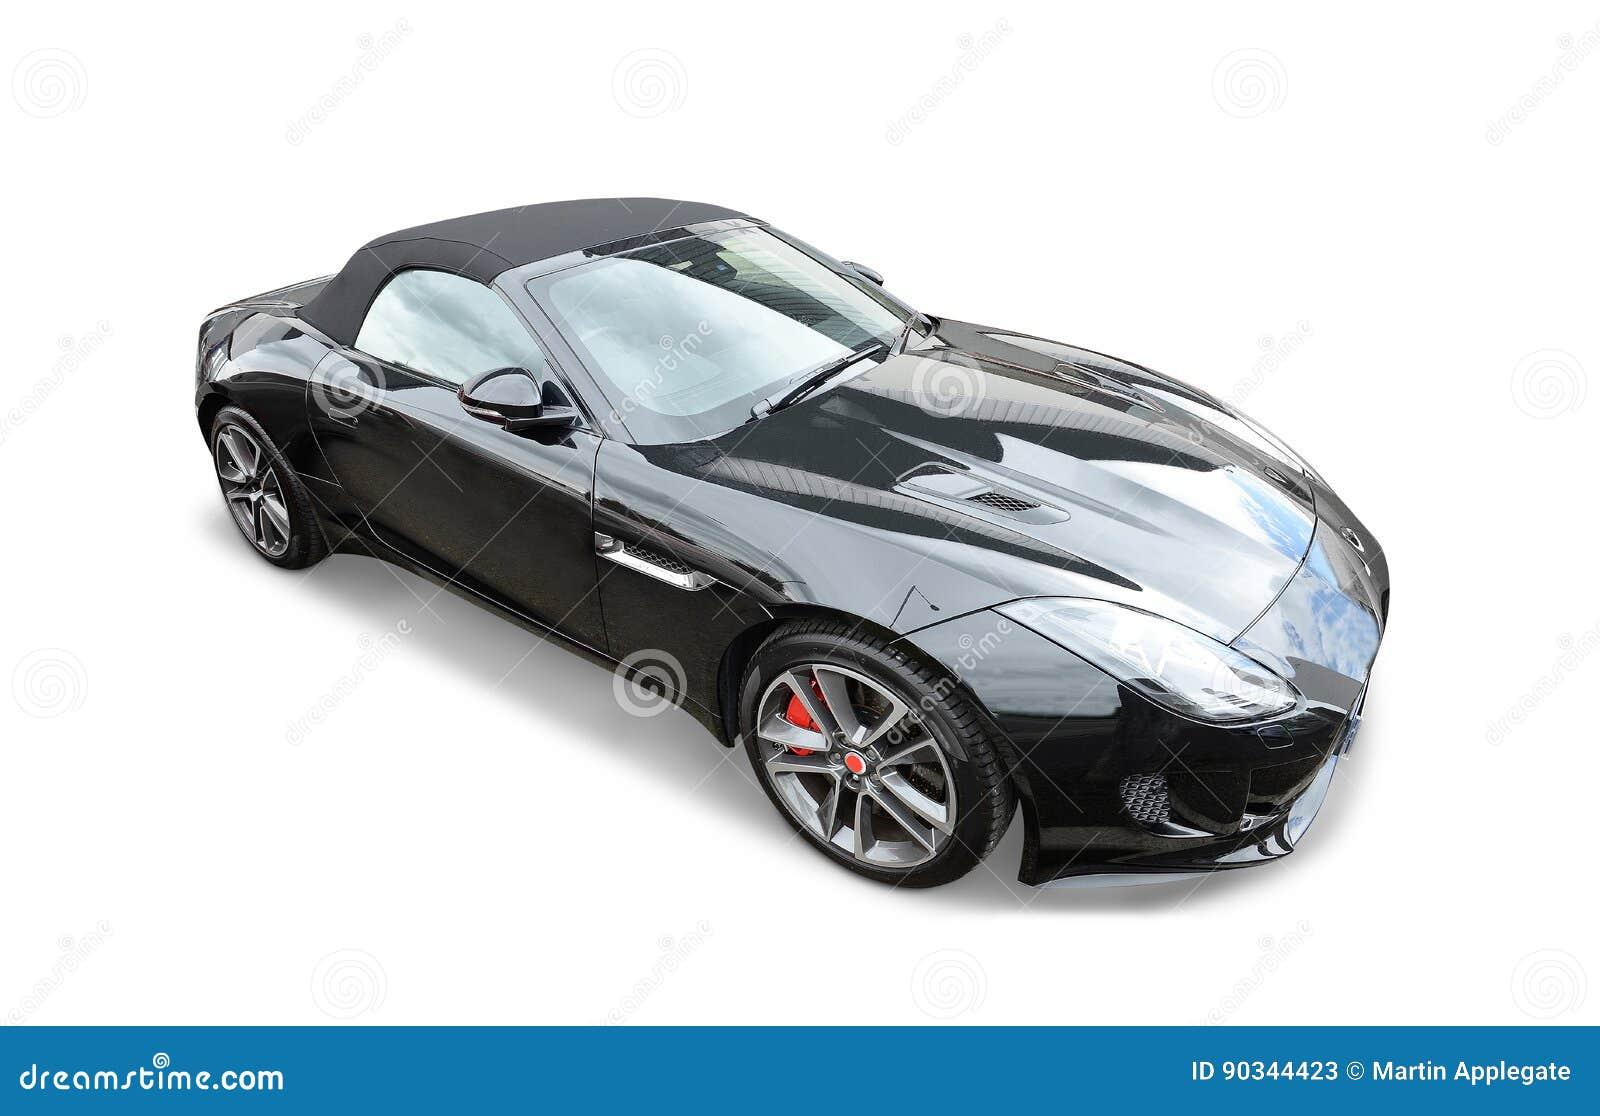 Jaguar Sports Car Stock Image Image Of Disc Touring 90344423